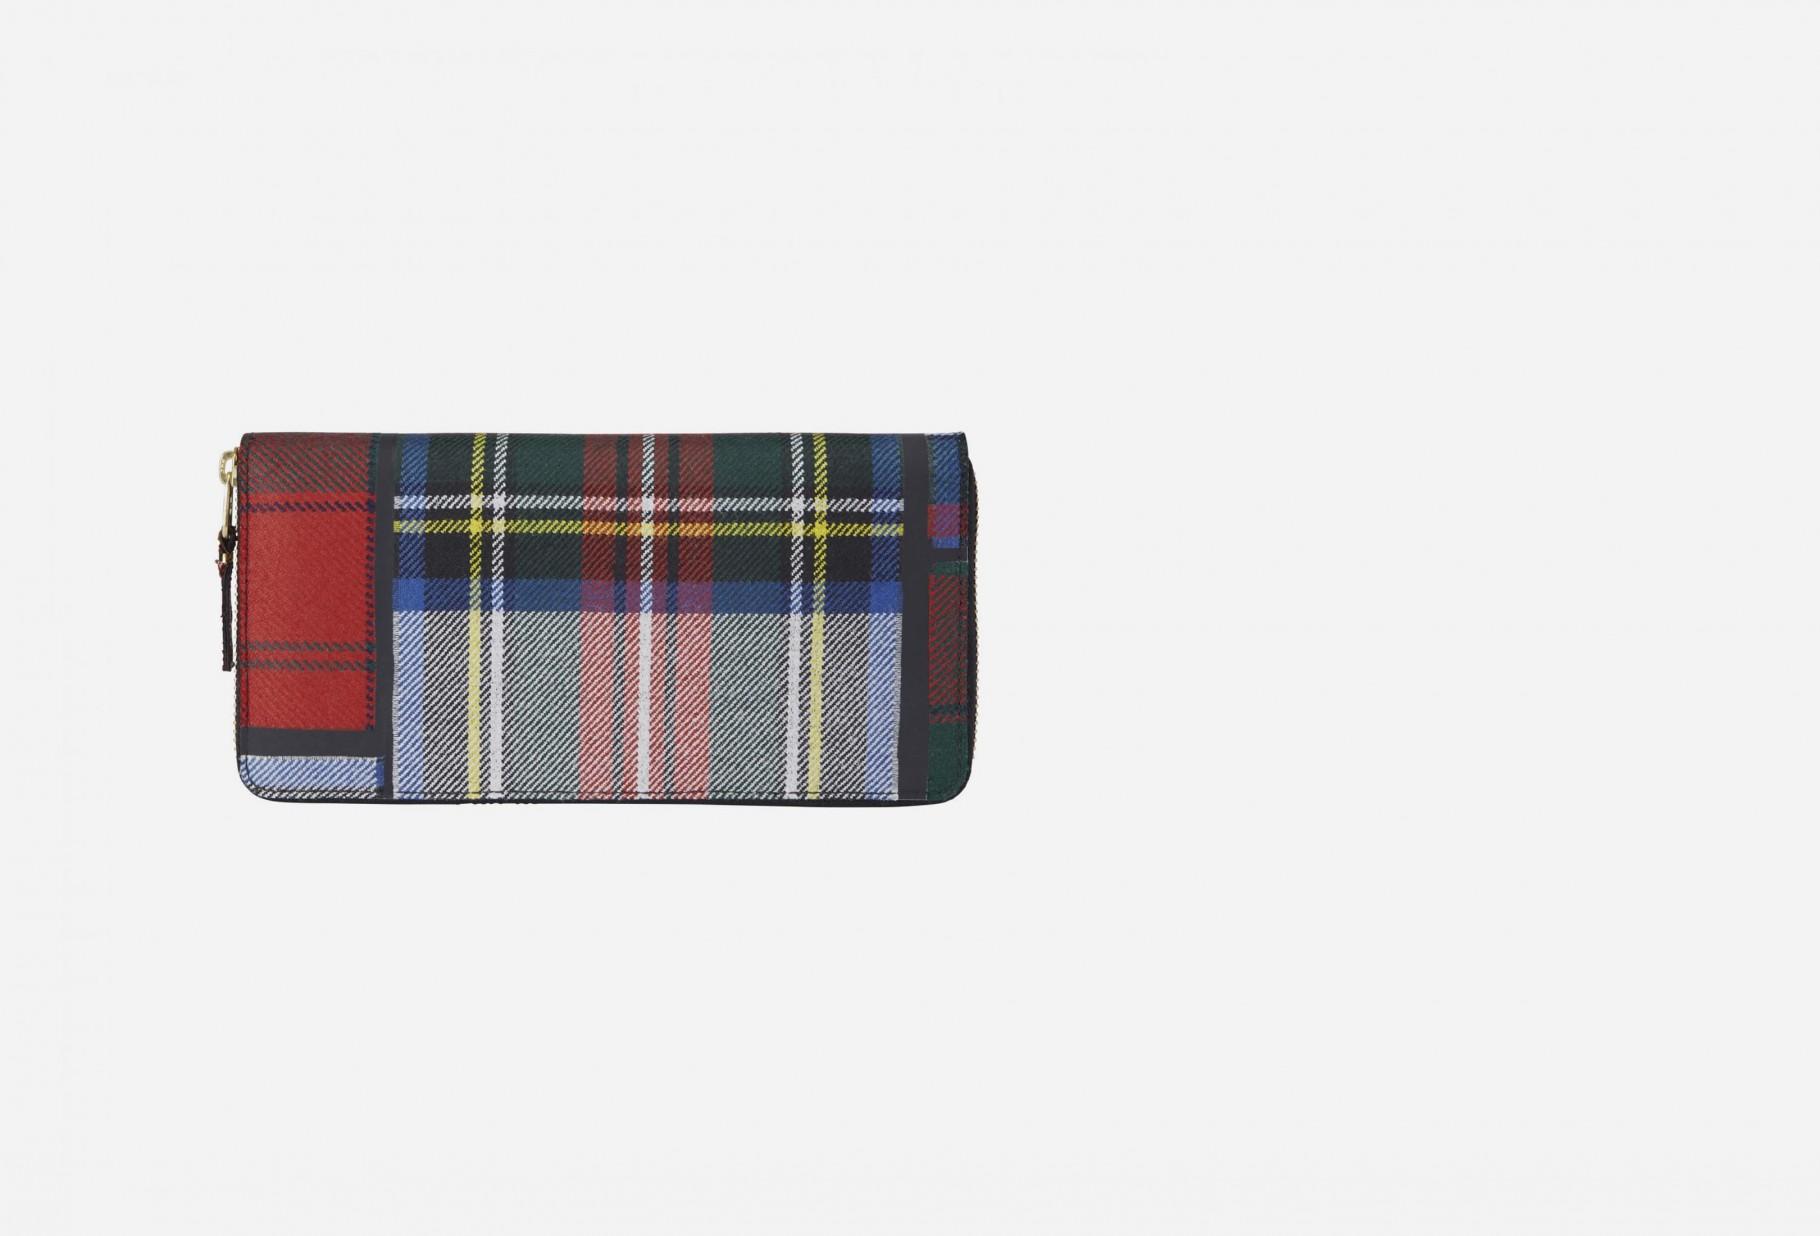 COMME DES GARÇONS WALLETS / Cdg wallet tartan patchwork Sa0110tp red